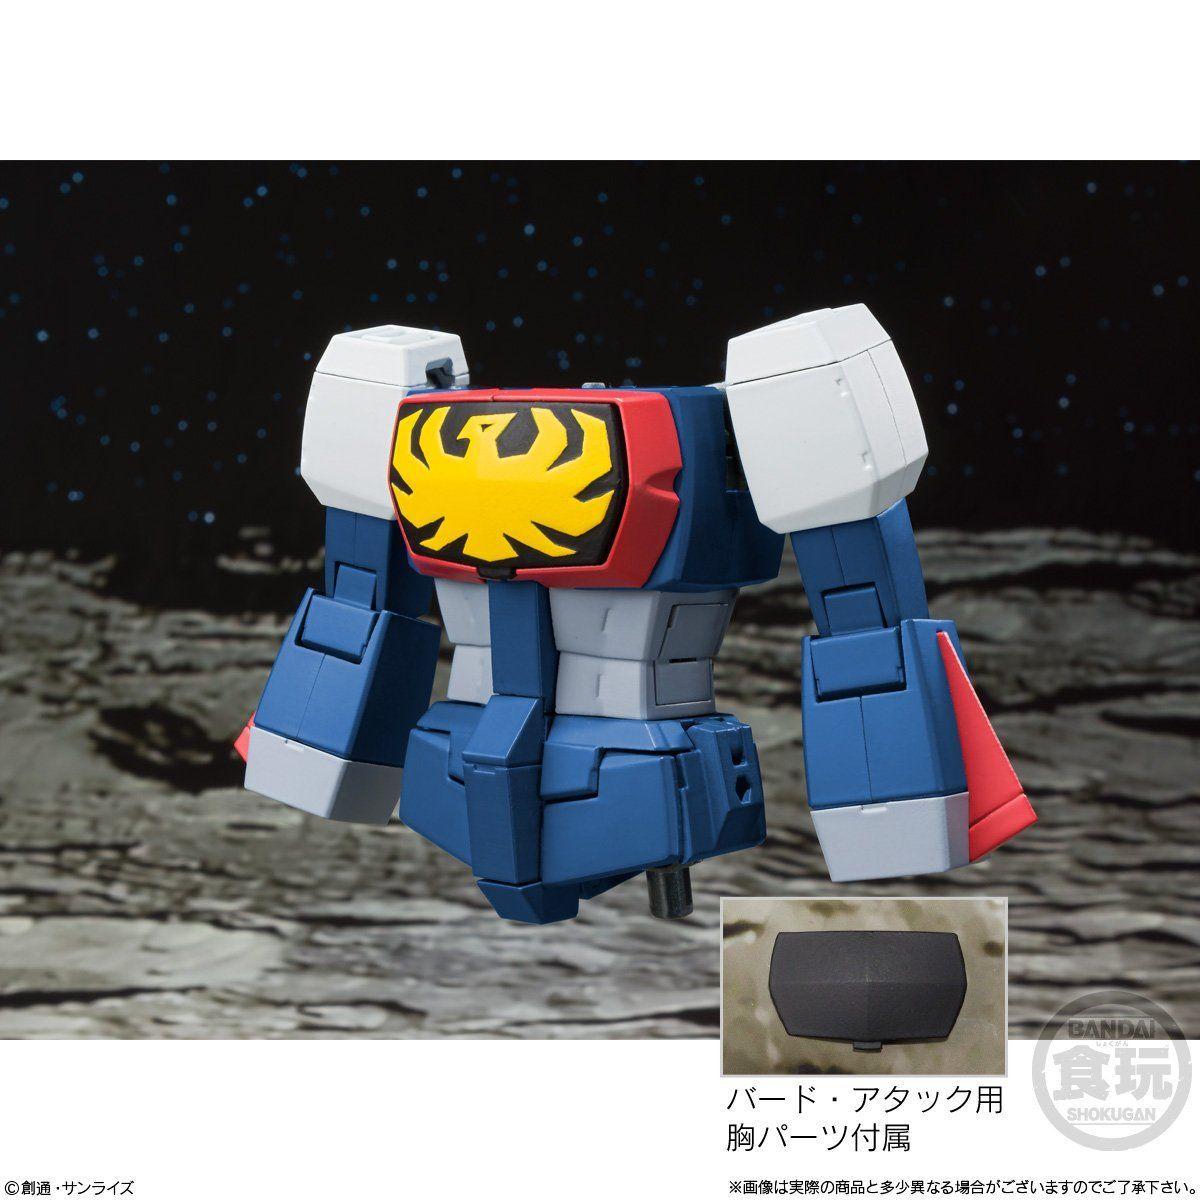 【食玩】スーパーミニプラ『無敵ロボ トライダーG7』3個入りBOX-009